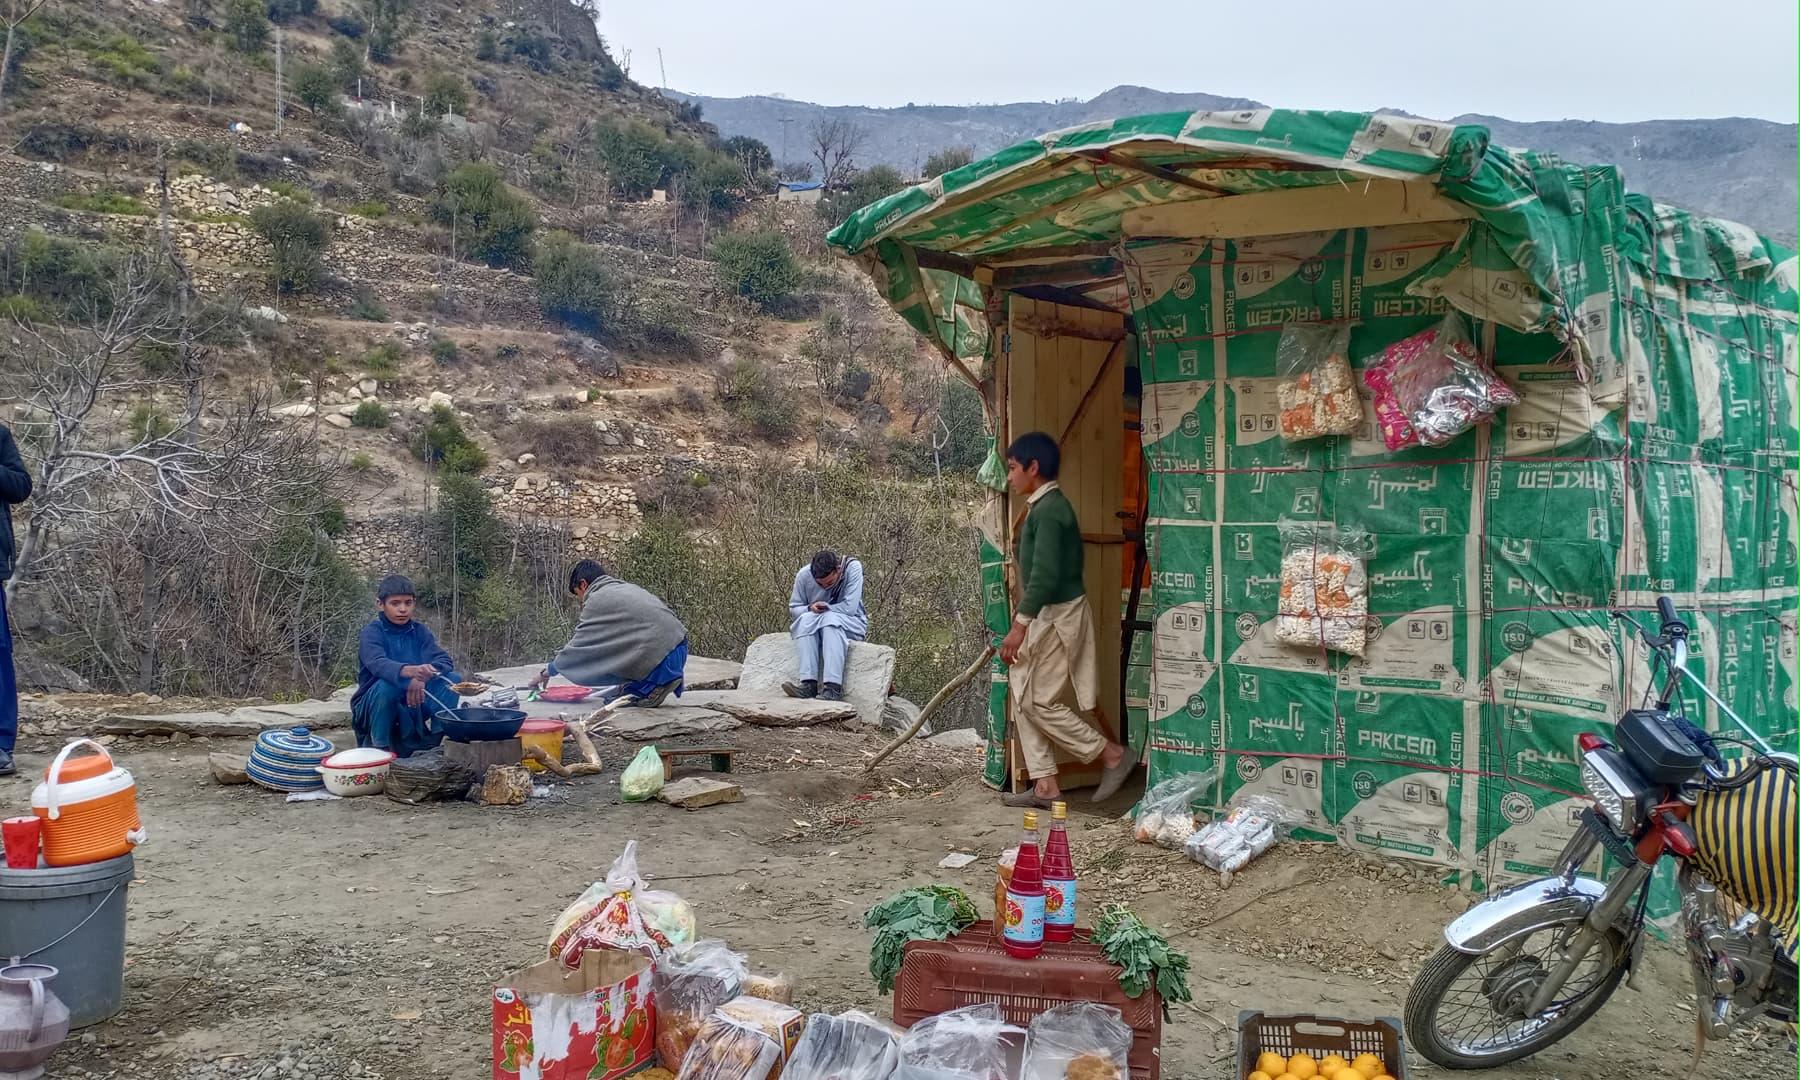 چنار گاؤں کے ایک موڑ پر ڈرائیور صاحب کی نظر پکوڑوں کی دکان پر پڑی—عظمت اکبر